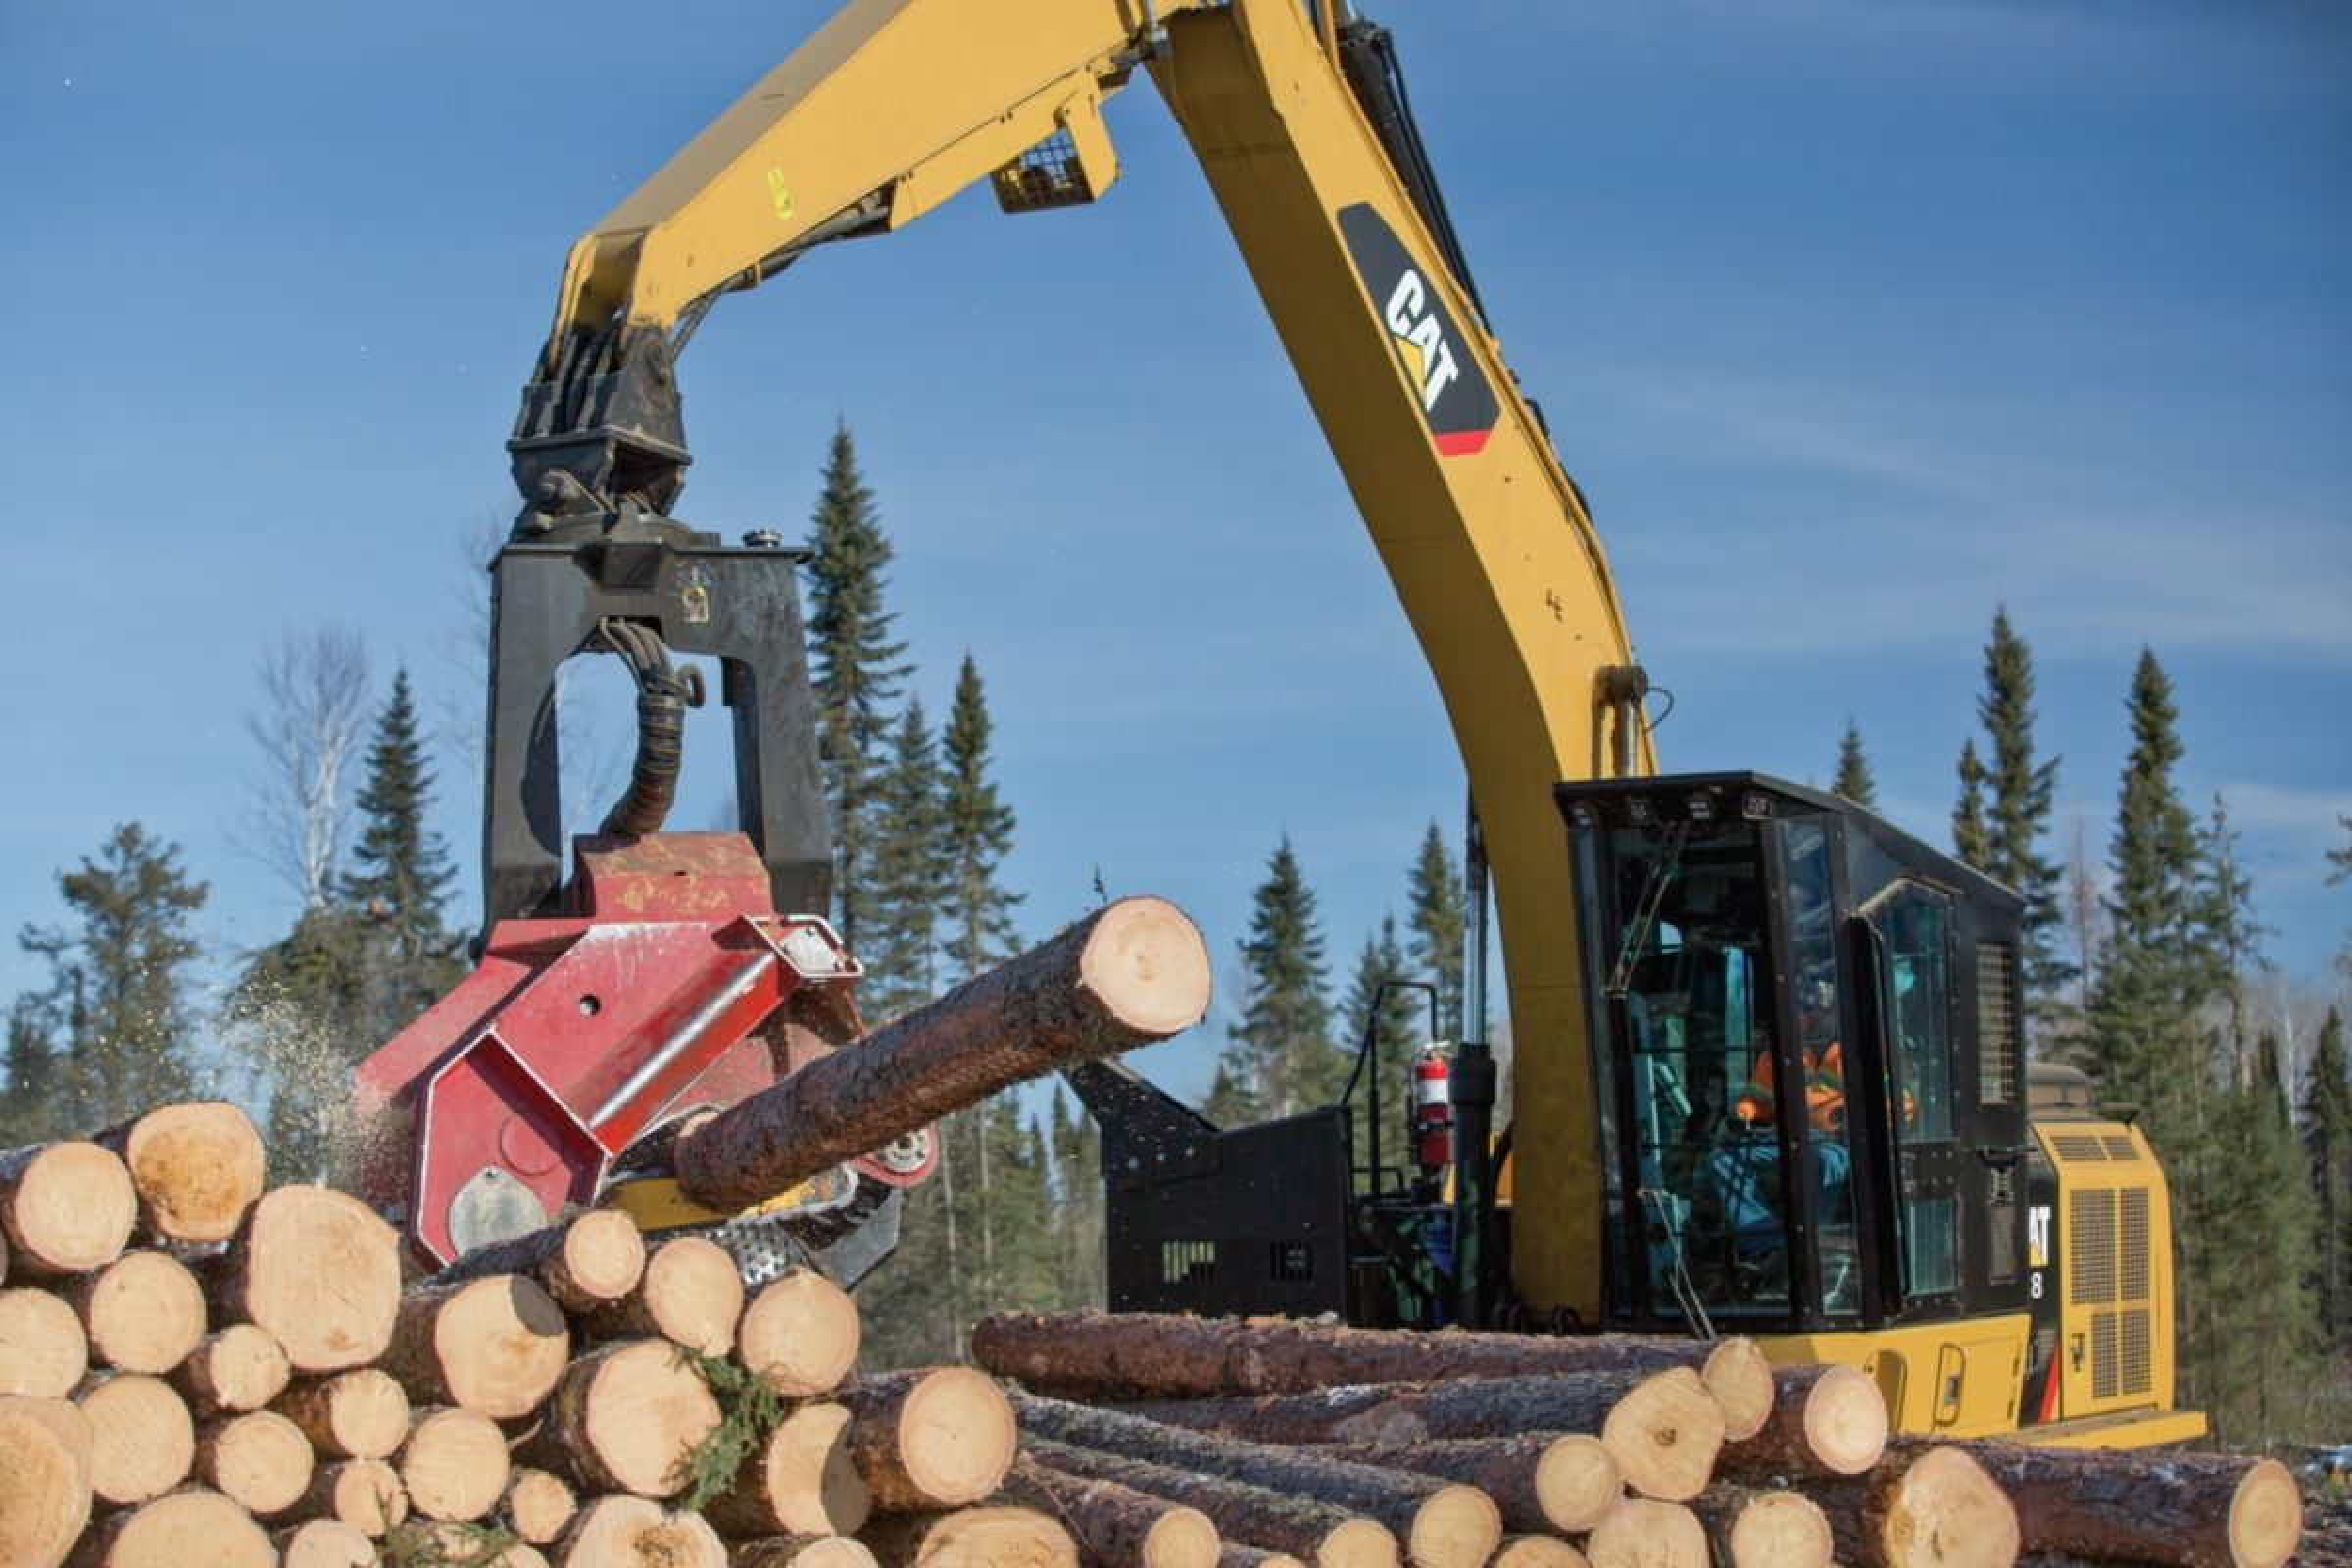 538 Forest Machine>